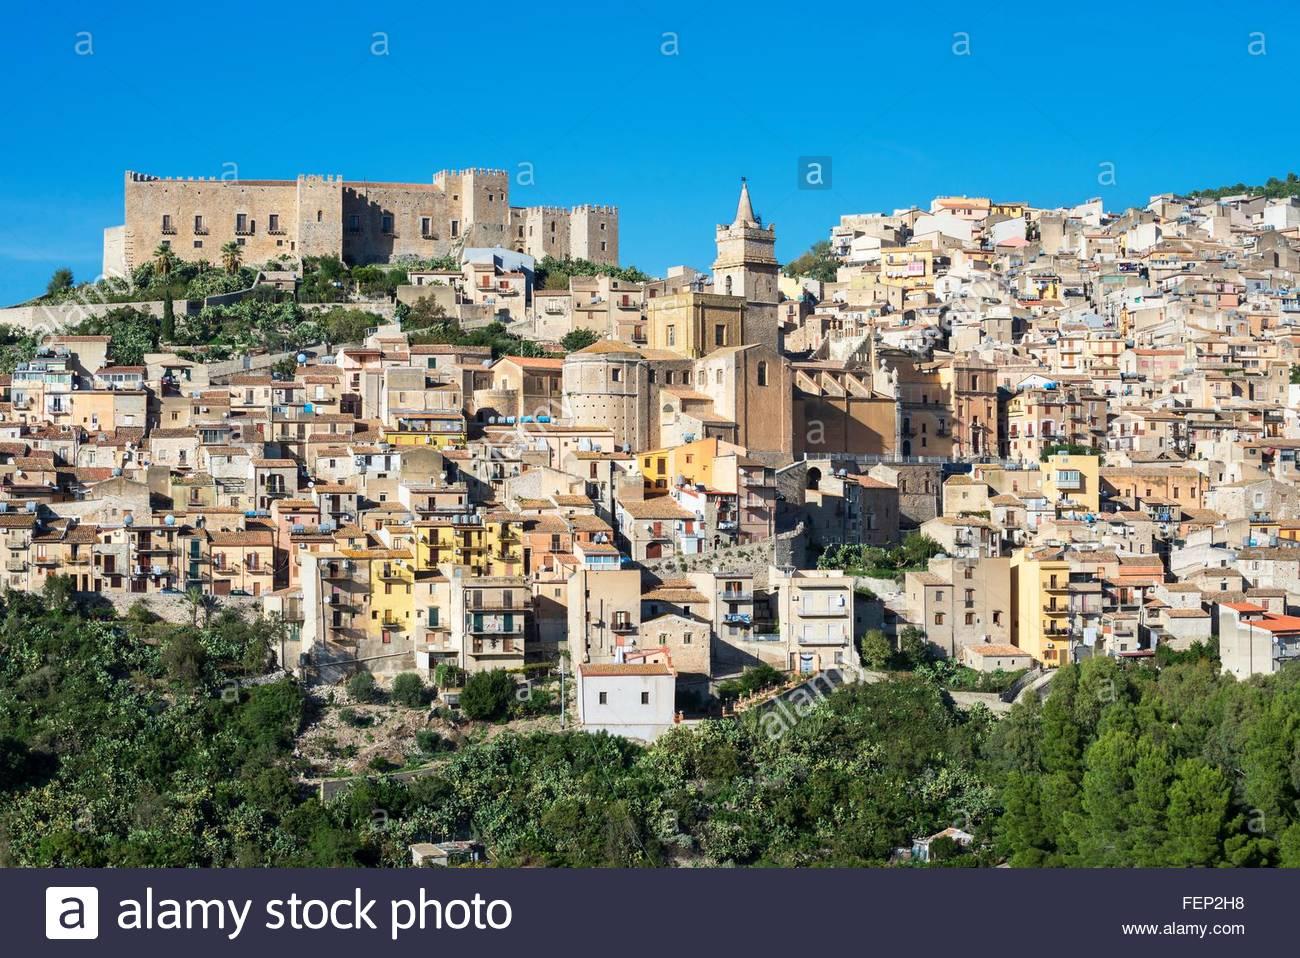 Vista elevada de Caccamo castillo y pueblo, Caccamo, Sicilia, Italia Imagen De Stock